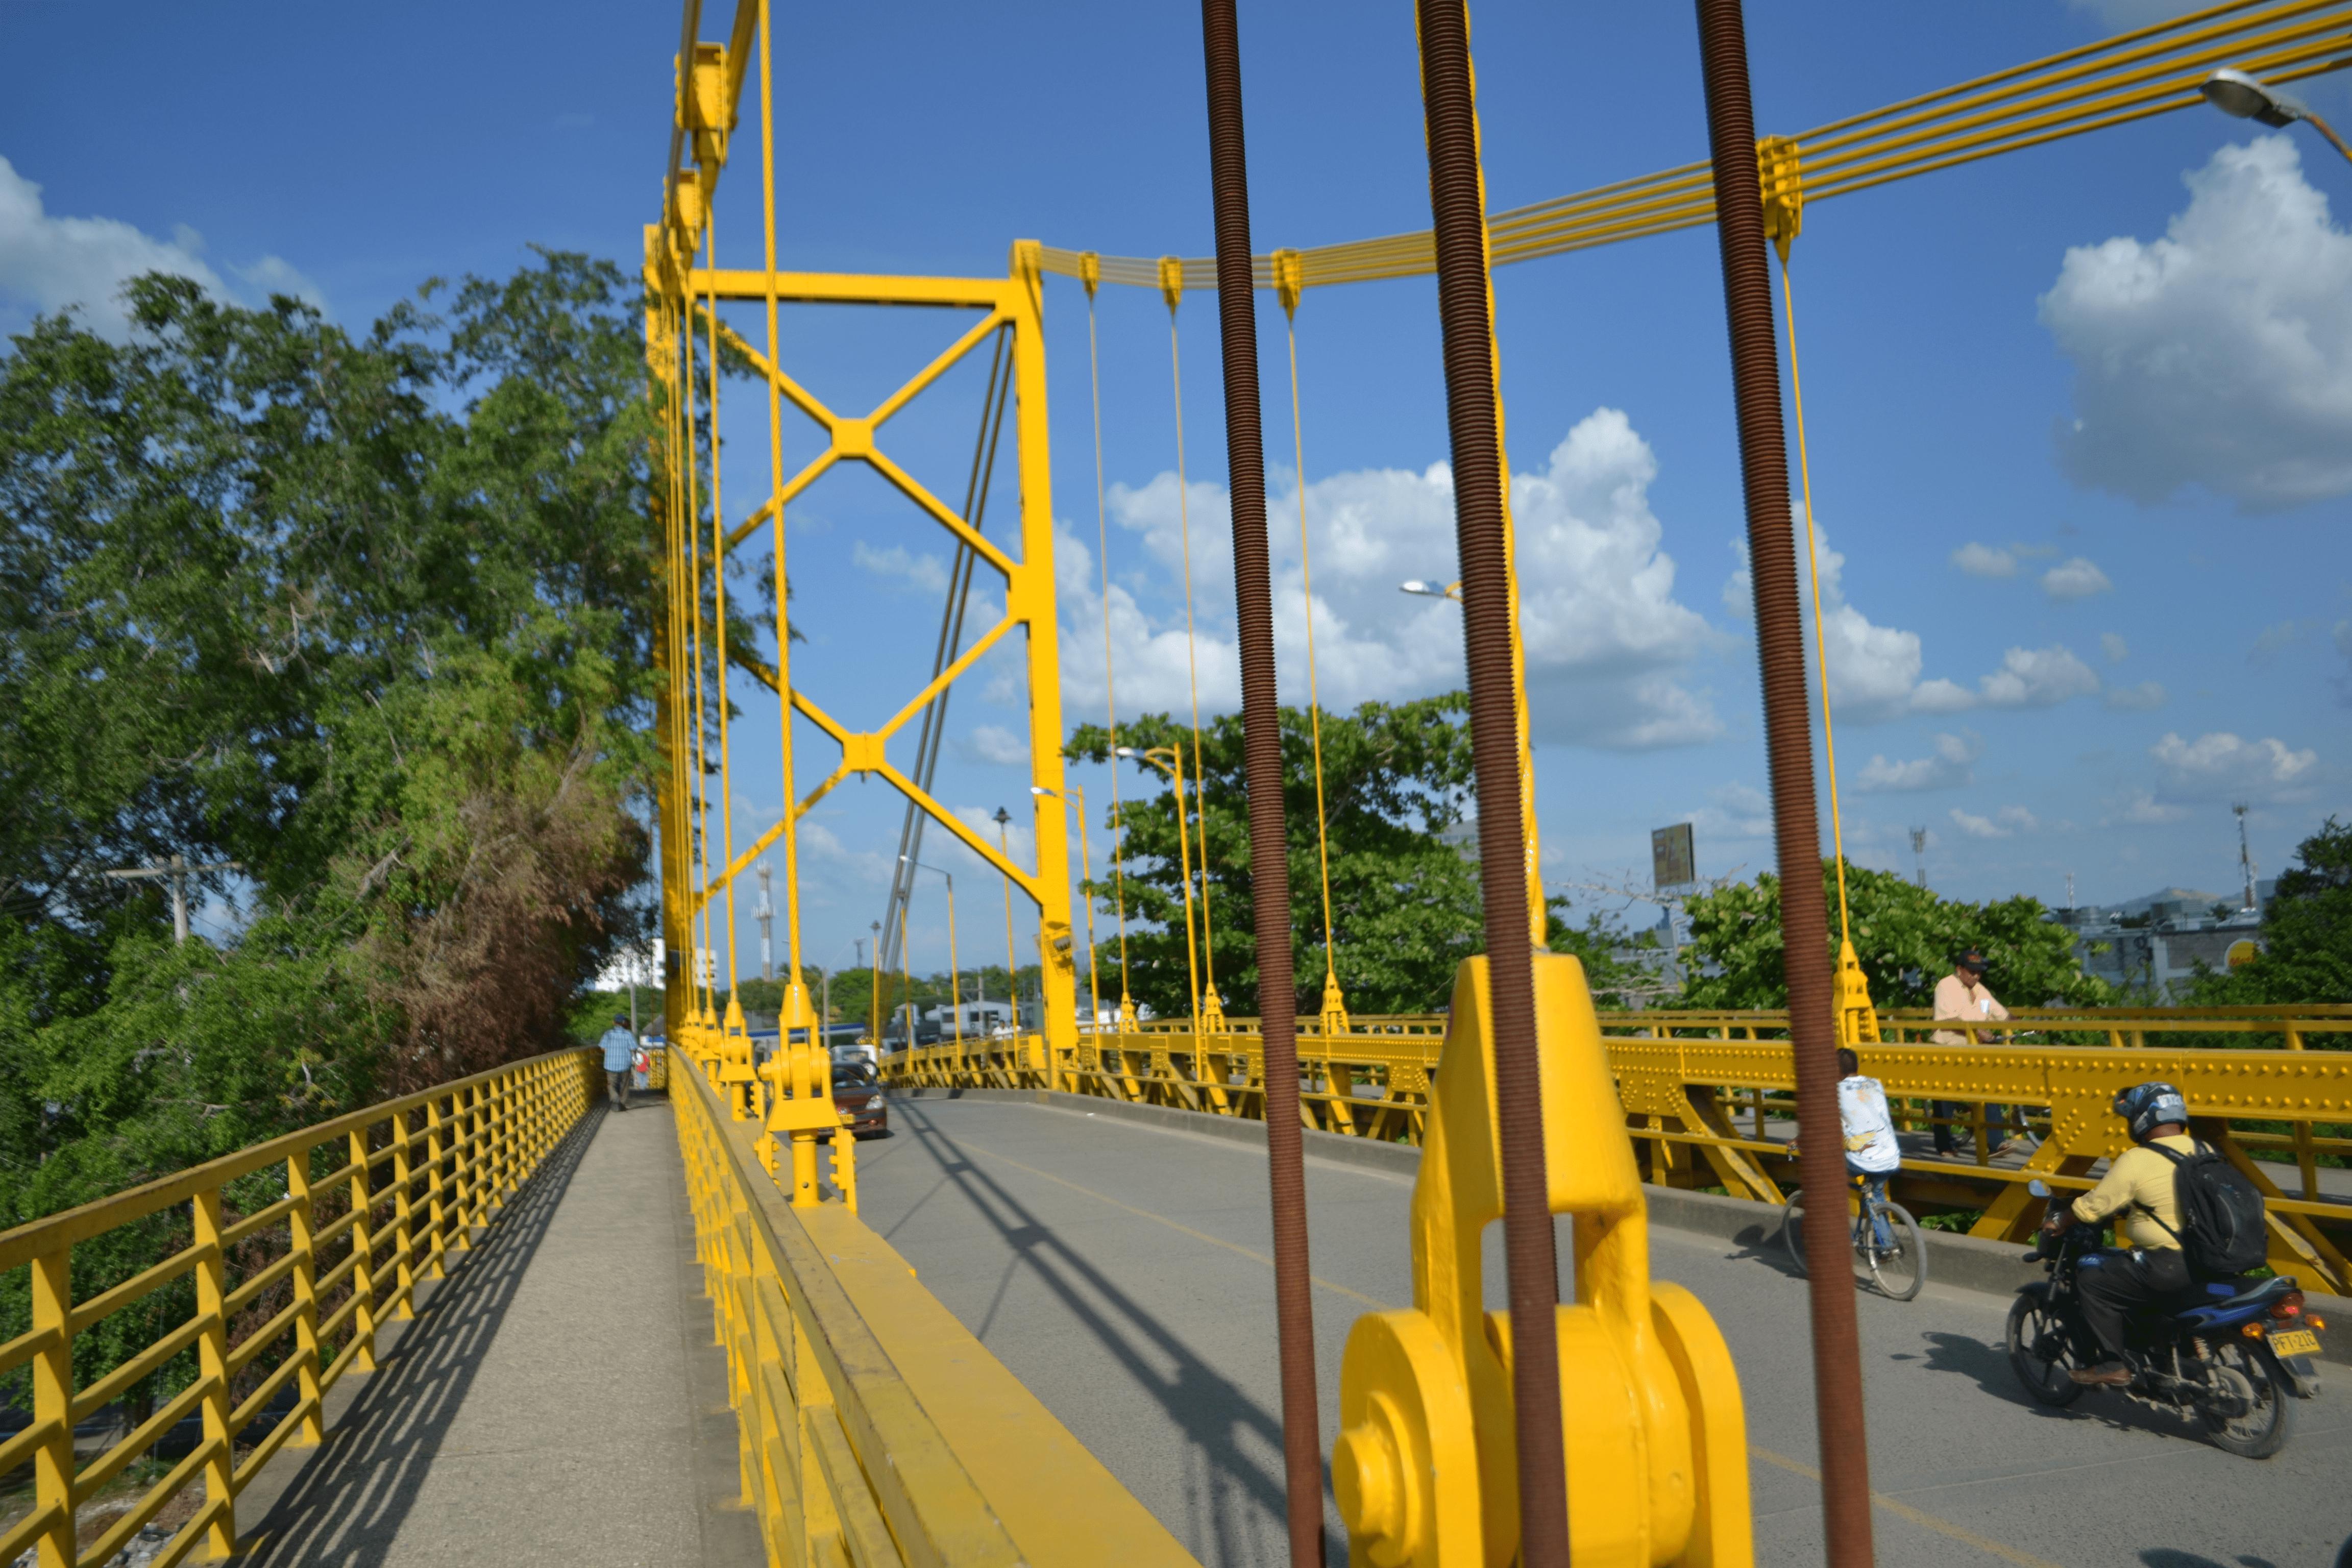 Tránsito cerrado en el puente metálico para vehículos, bicicletas y peatones el próximo 1 y 2 de julio